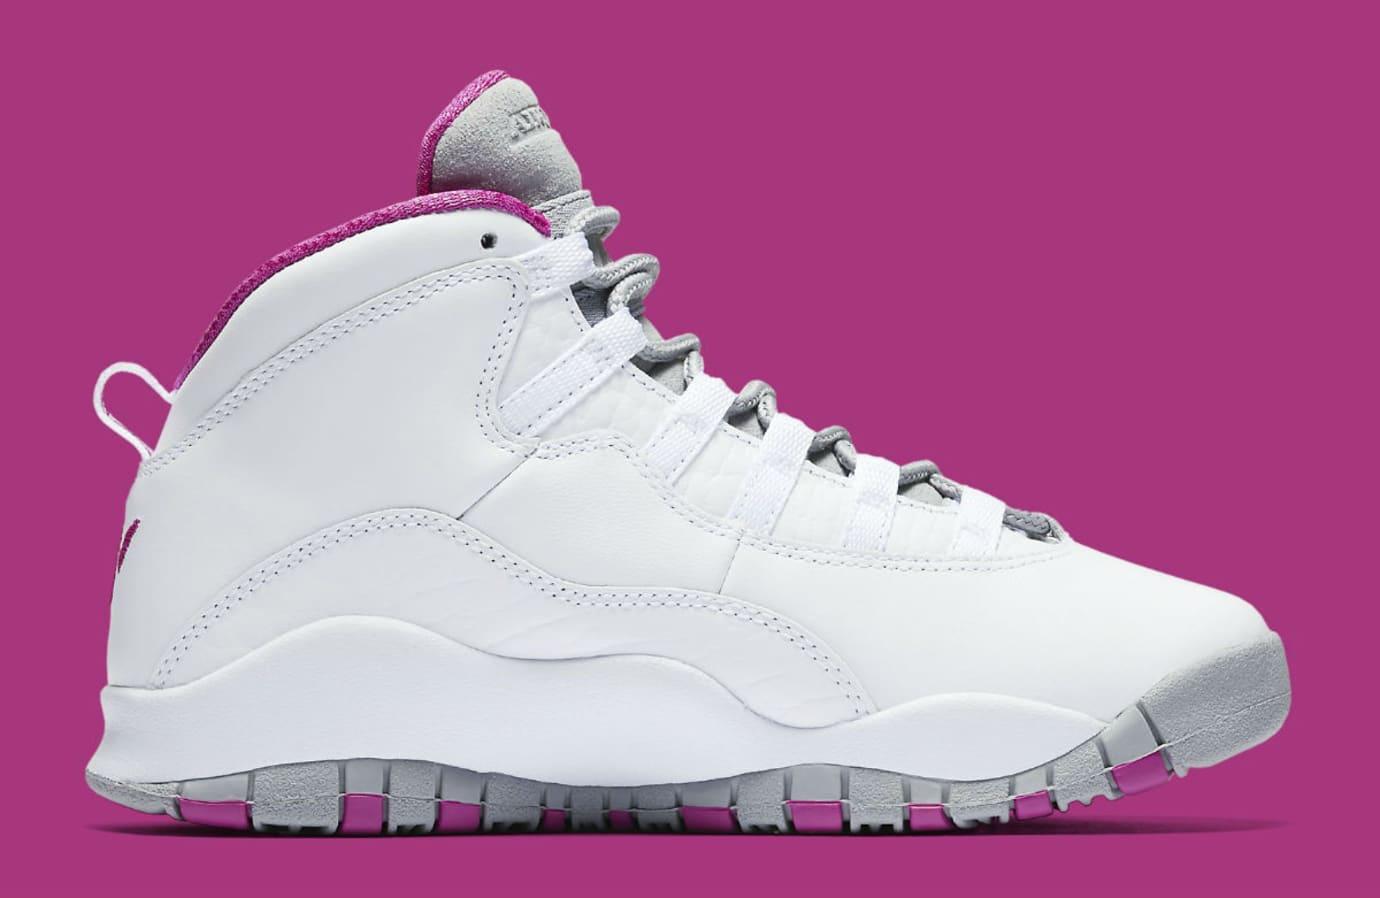 e5c73a15028 Air Jordan 10 X Maya Moore PE Release Date Medial AA2900-159